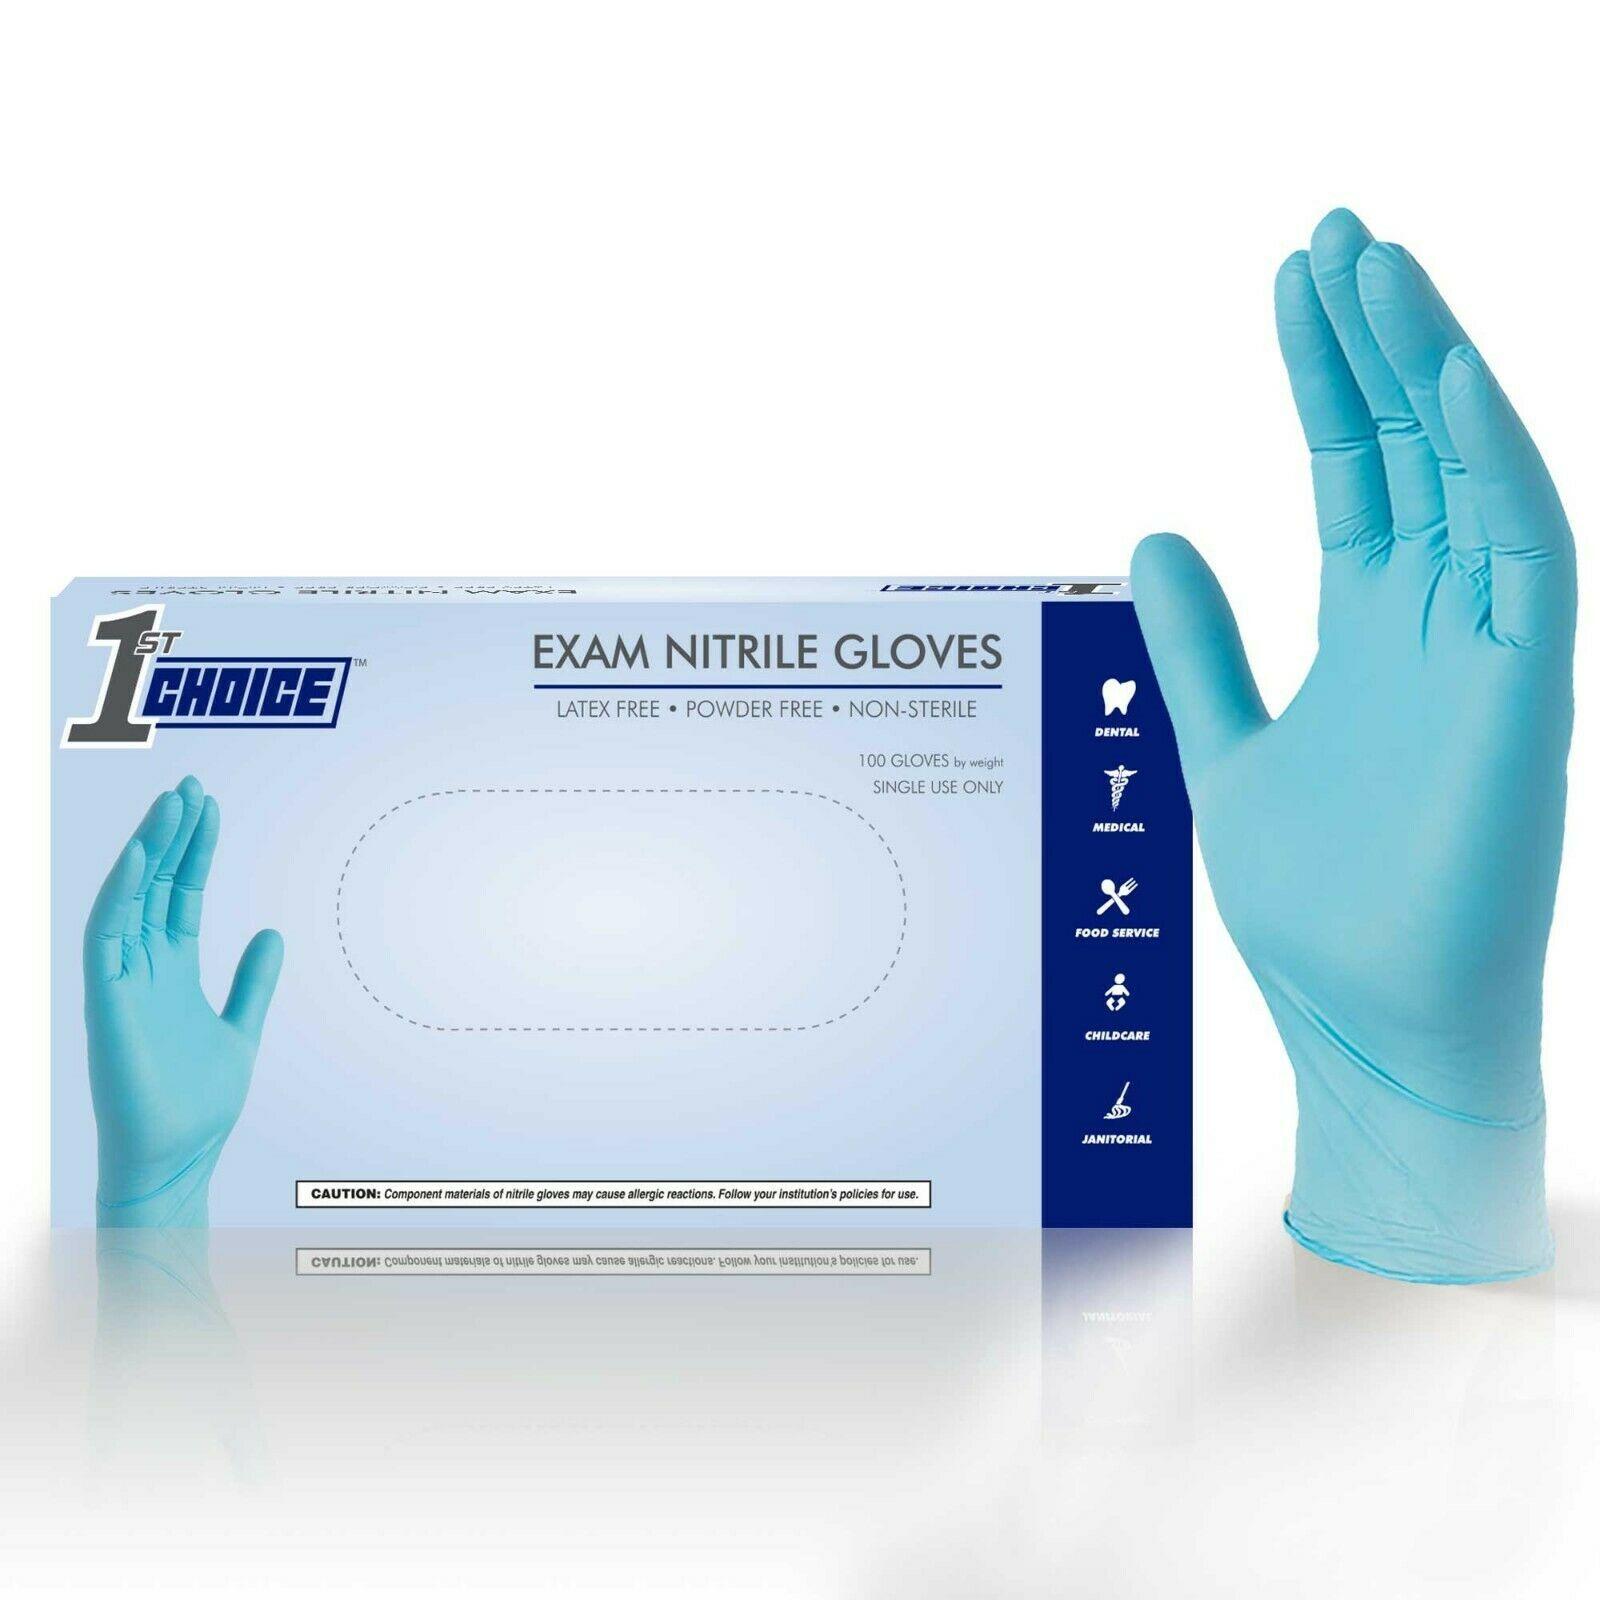 Https Ift Tt 2nixko3 Gloves Ideas Of Gloves Gloves 1000 Cs 1st Choice Disposable Gloves Medical Nitrile Powder Free Disposable Gloves Gloves Medical